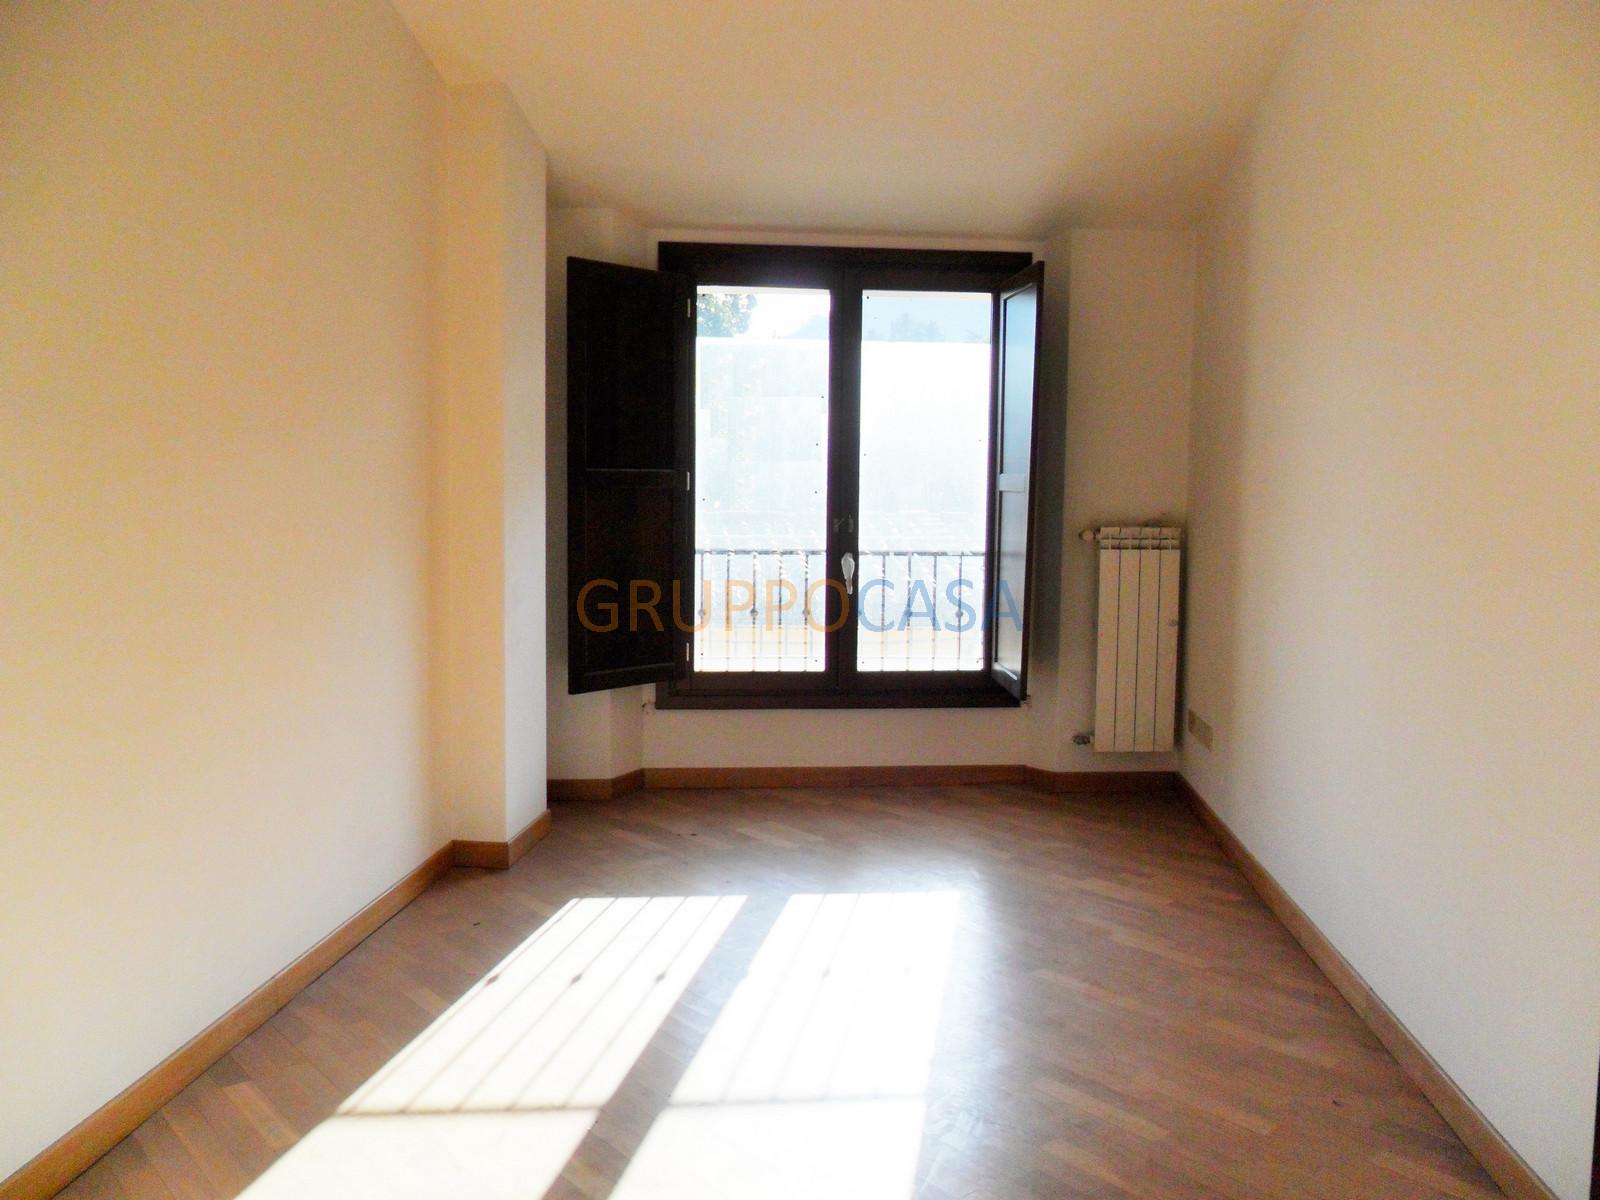 Appartamento in affitto a Pescia, 4 locali, zona Località: Centro, prezzo € 540 | Cambio Casa.it